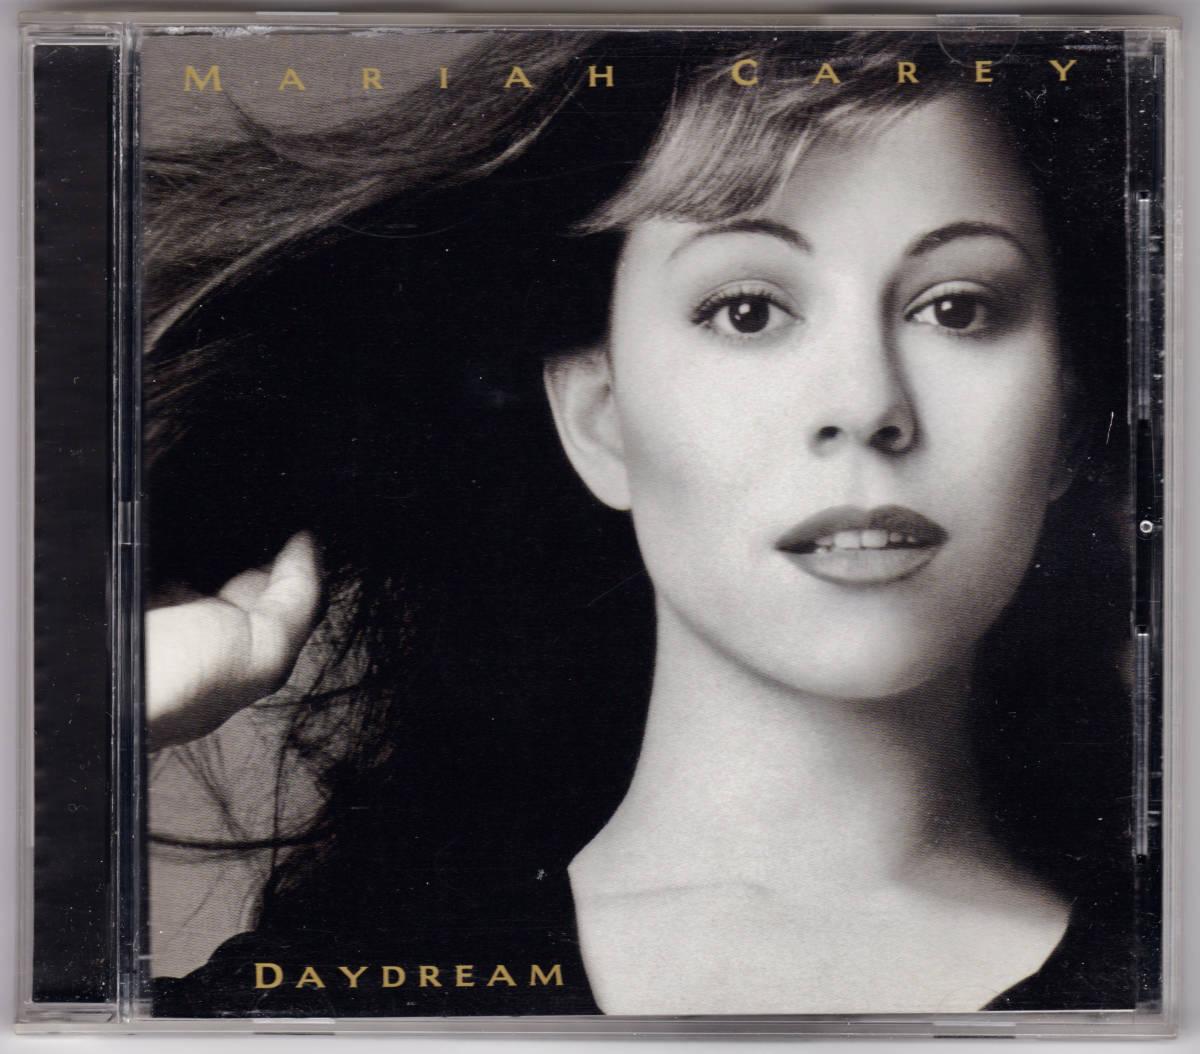 [送料込]国内盤CD★マライア・キャリー / デイドリーム★ MARIAH CAREY / DAYDREAM (1995年作品)2